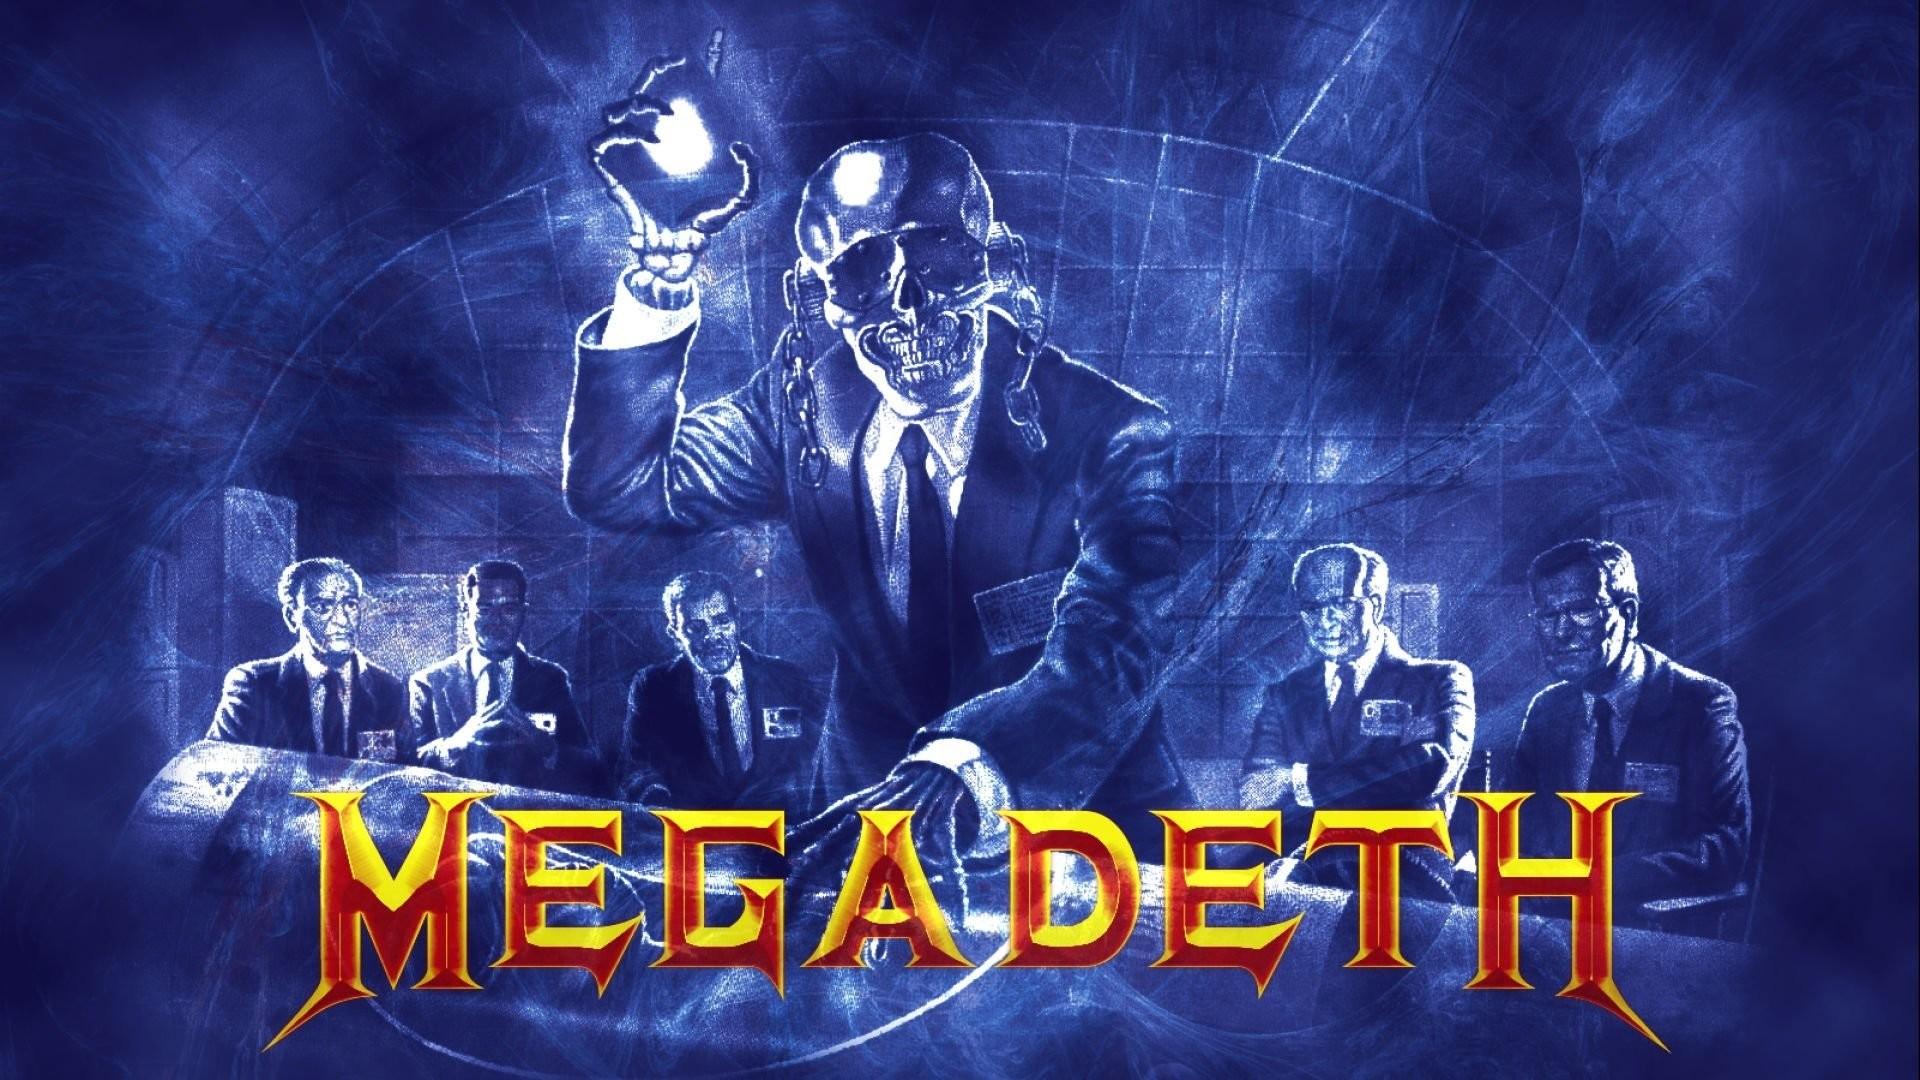 Res: 1920x1080, Megadeth